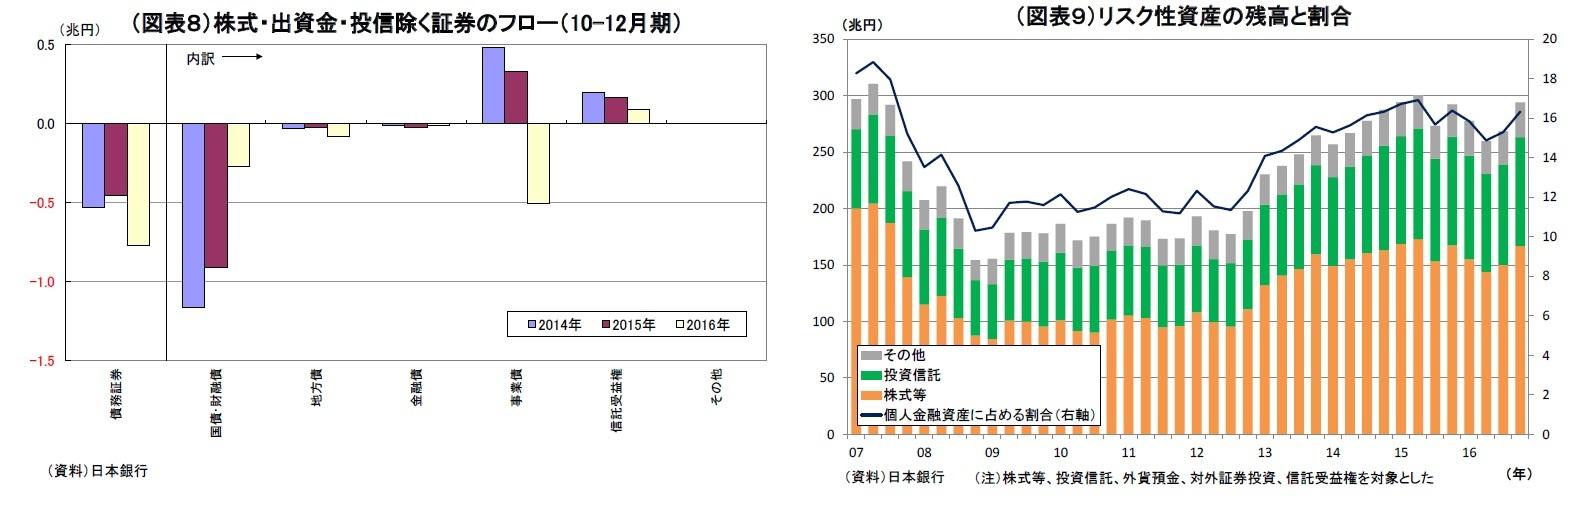 (図表8)株式・出資金・投信除く証券のフロー(10-12月期)/(図表9)リスク性資産の残高と割合